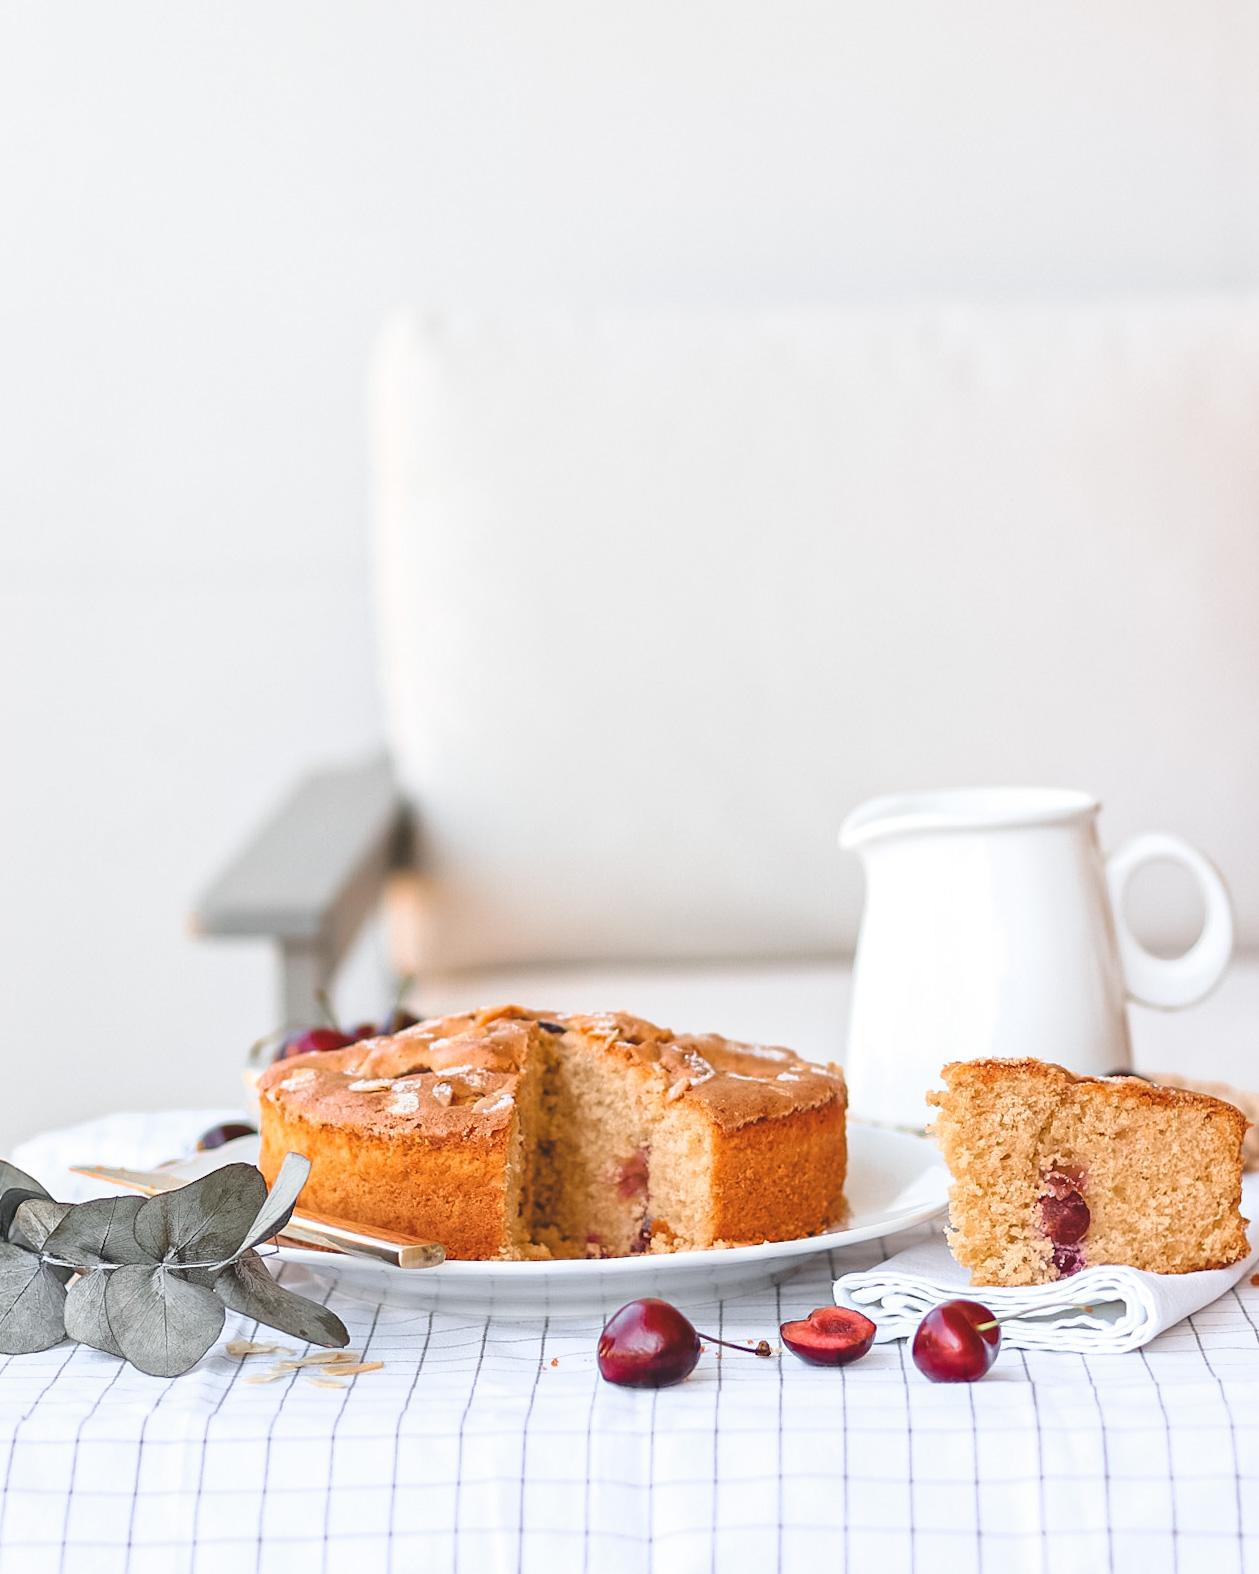 torta ciliegie con fetta tagliata e divanetto